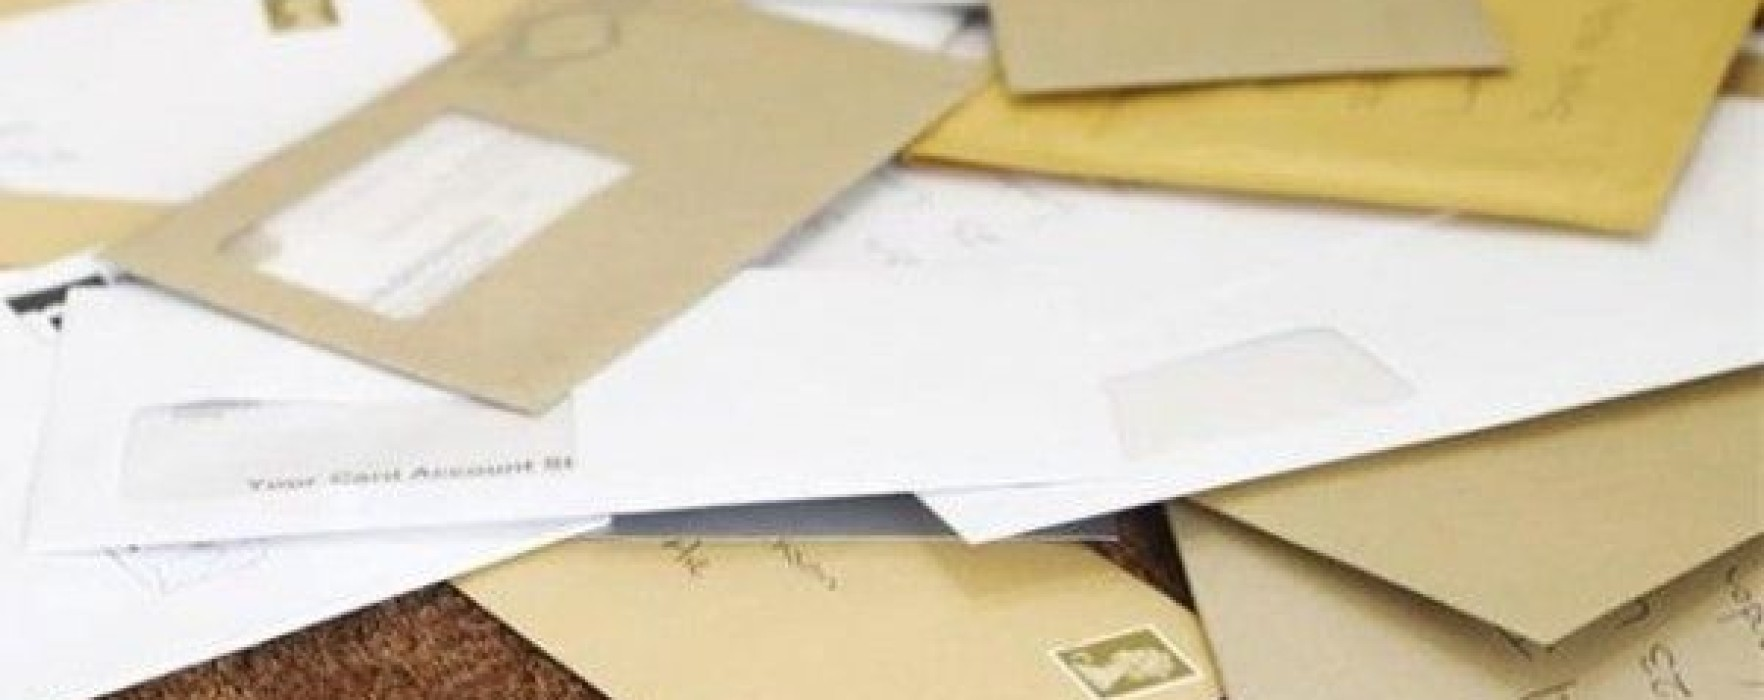 Mai mulţi saci cu scrisori au fost găsiţi în subsolul unui bloc din Pucioasa